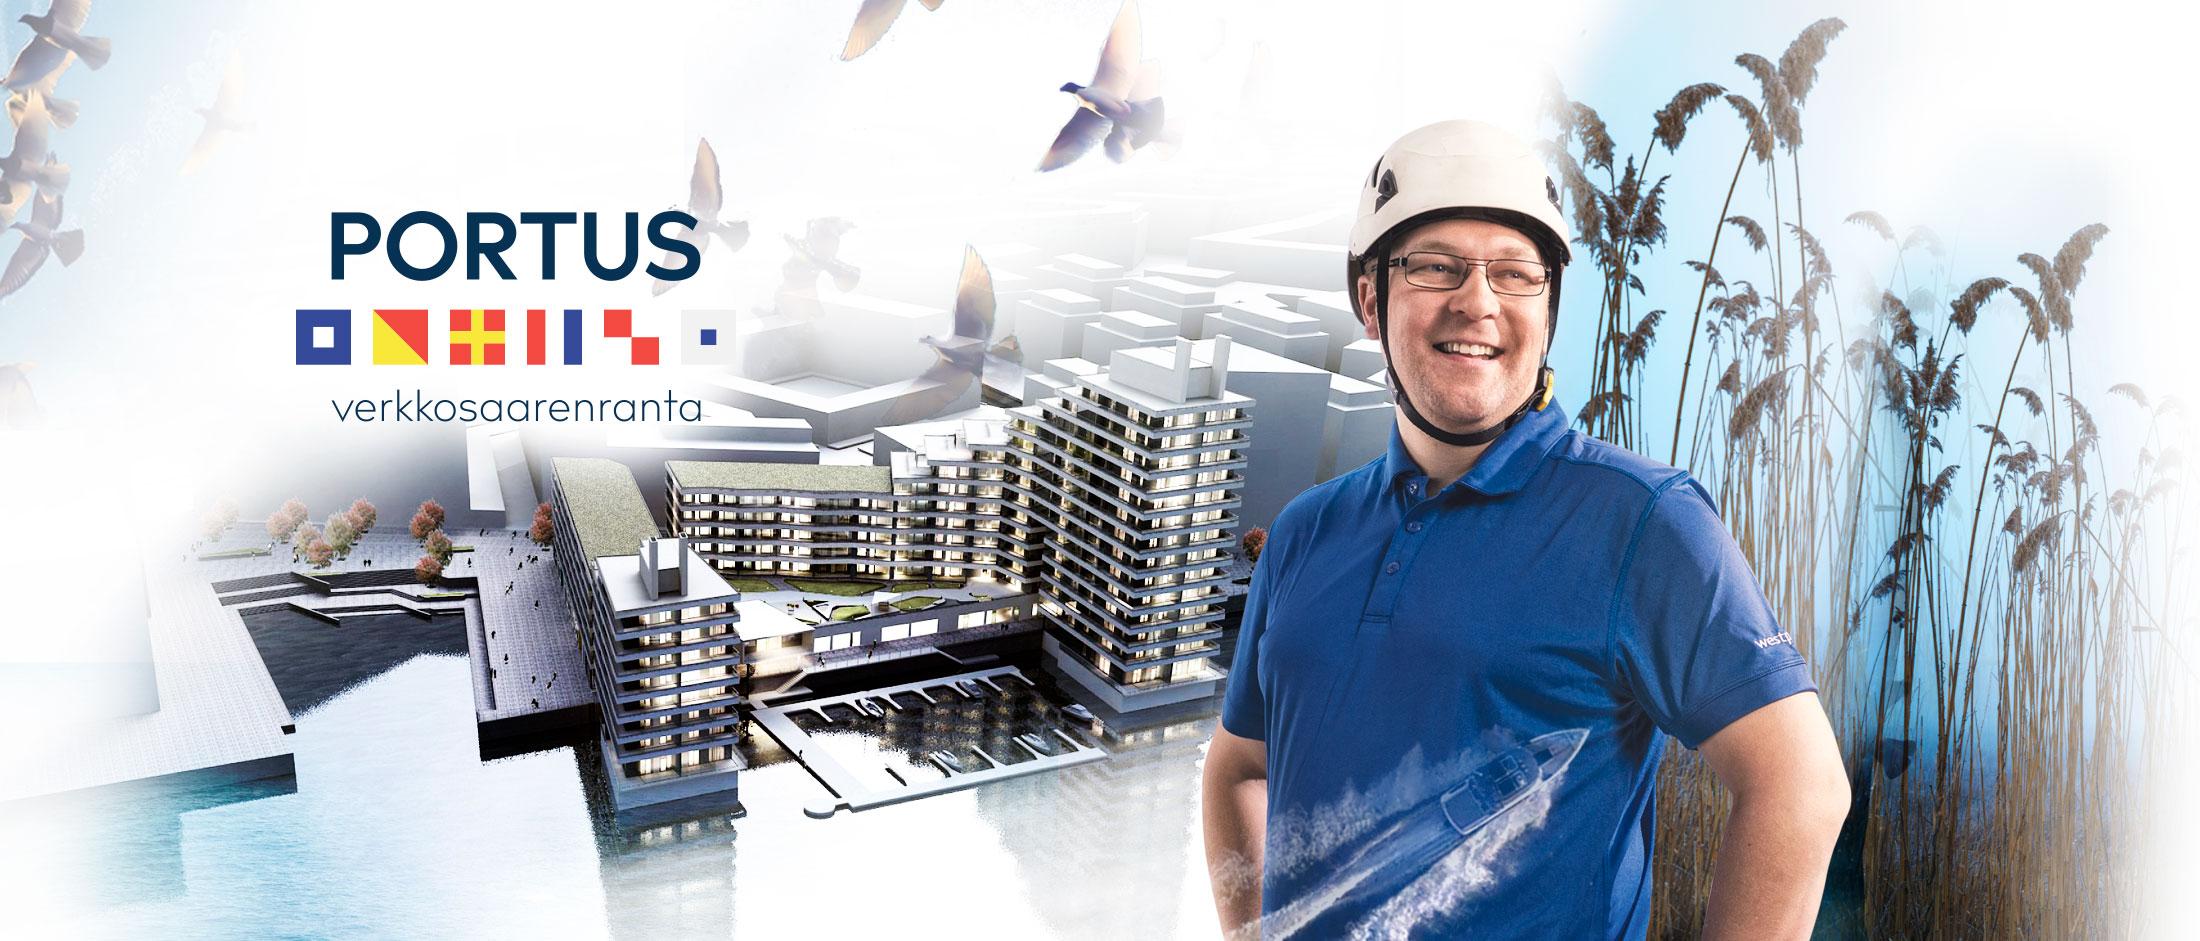 Rakennusalan työpaikat